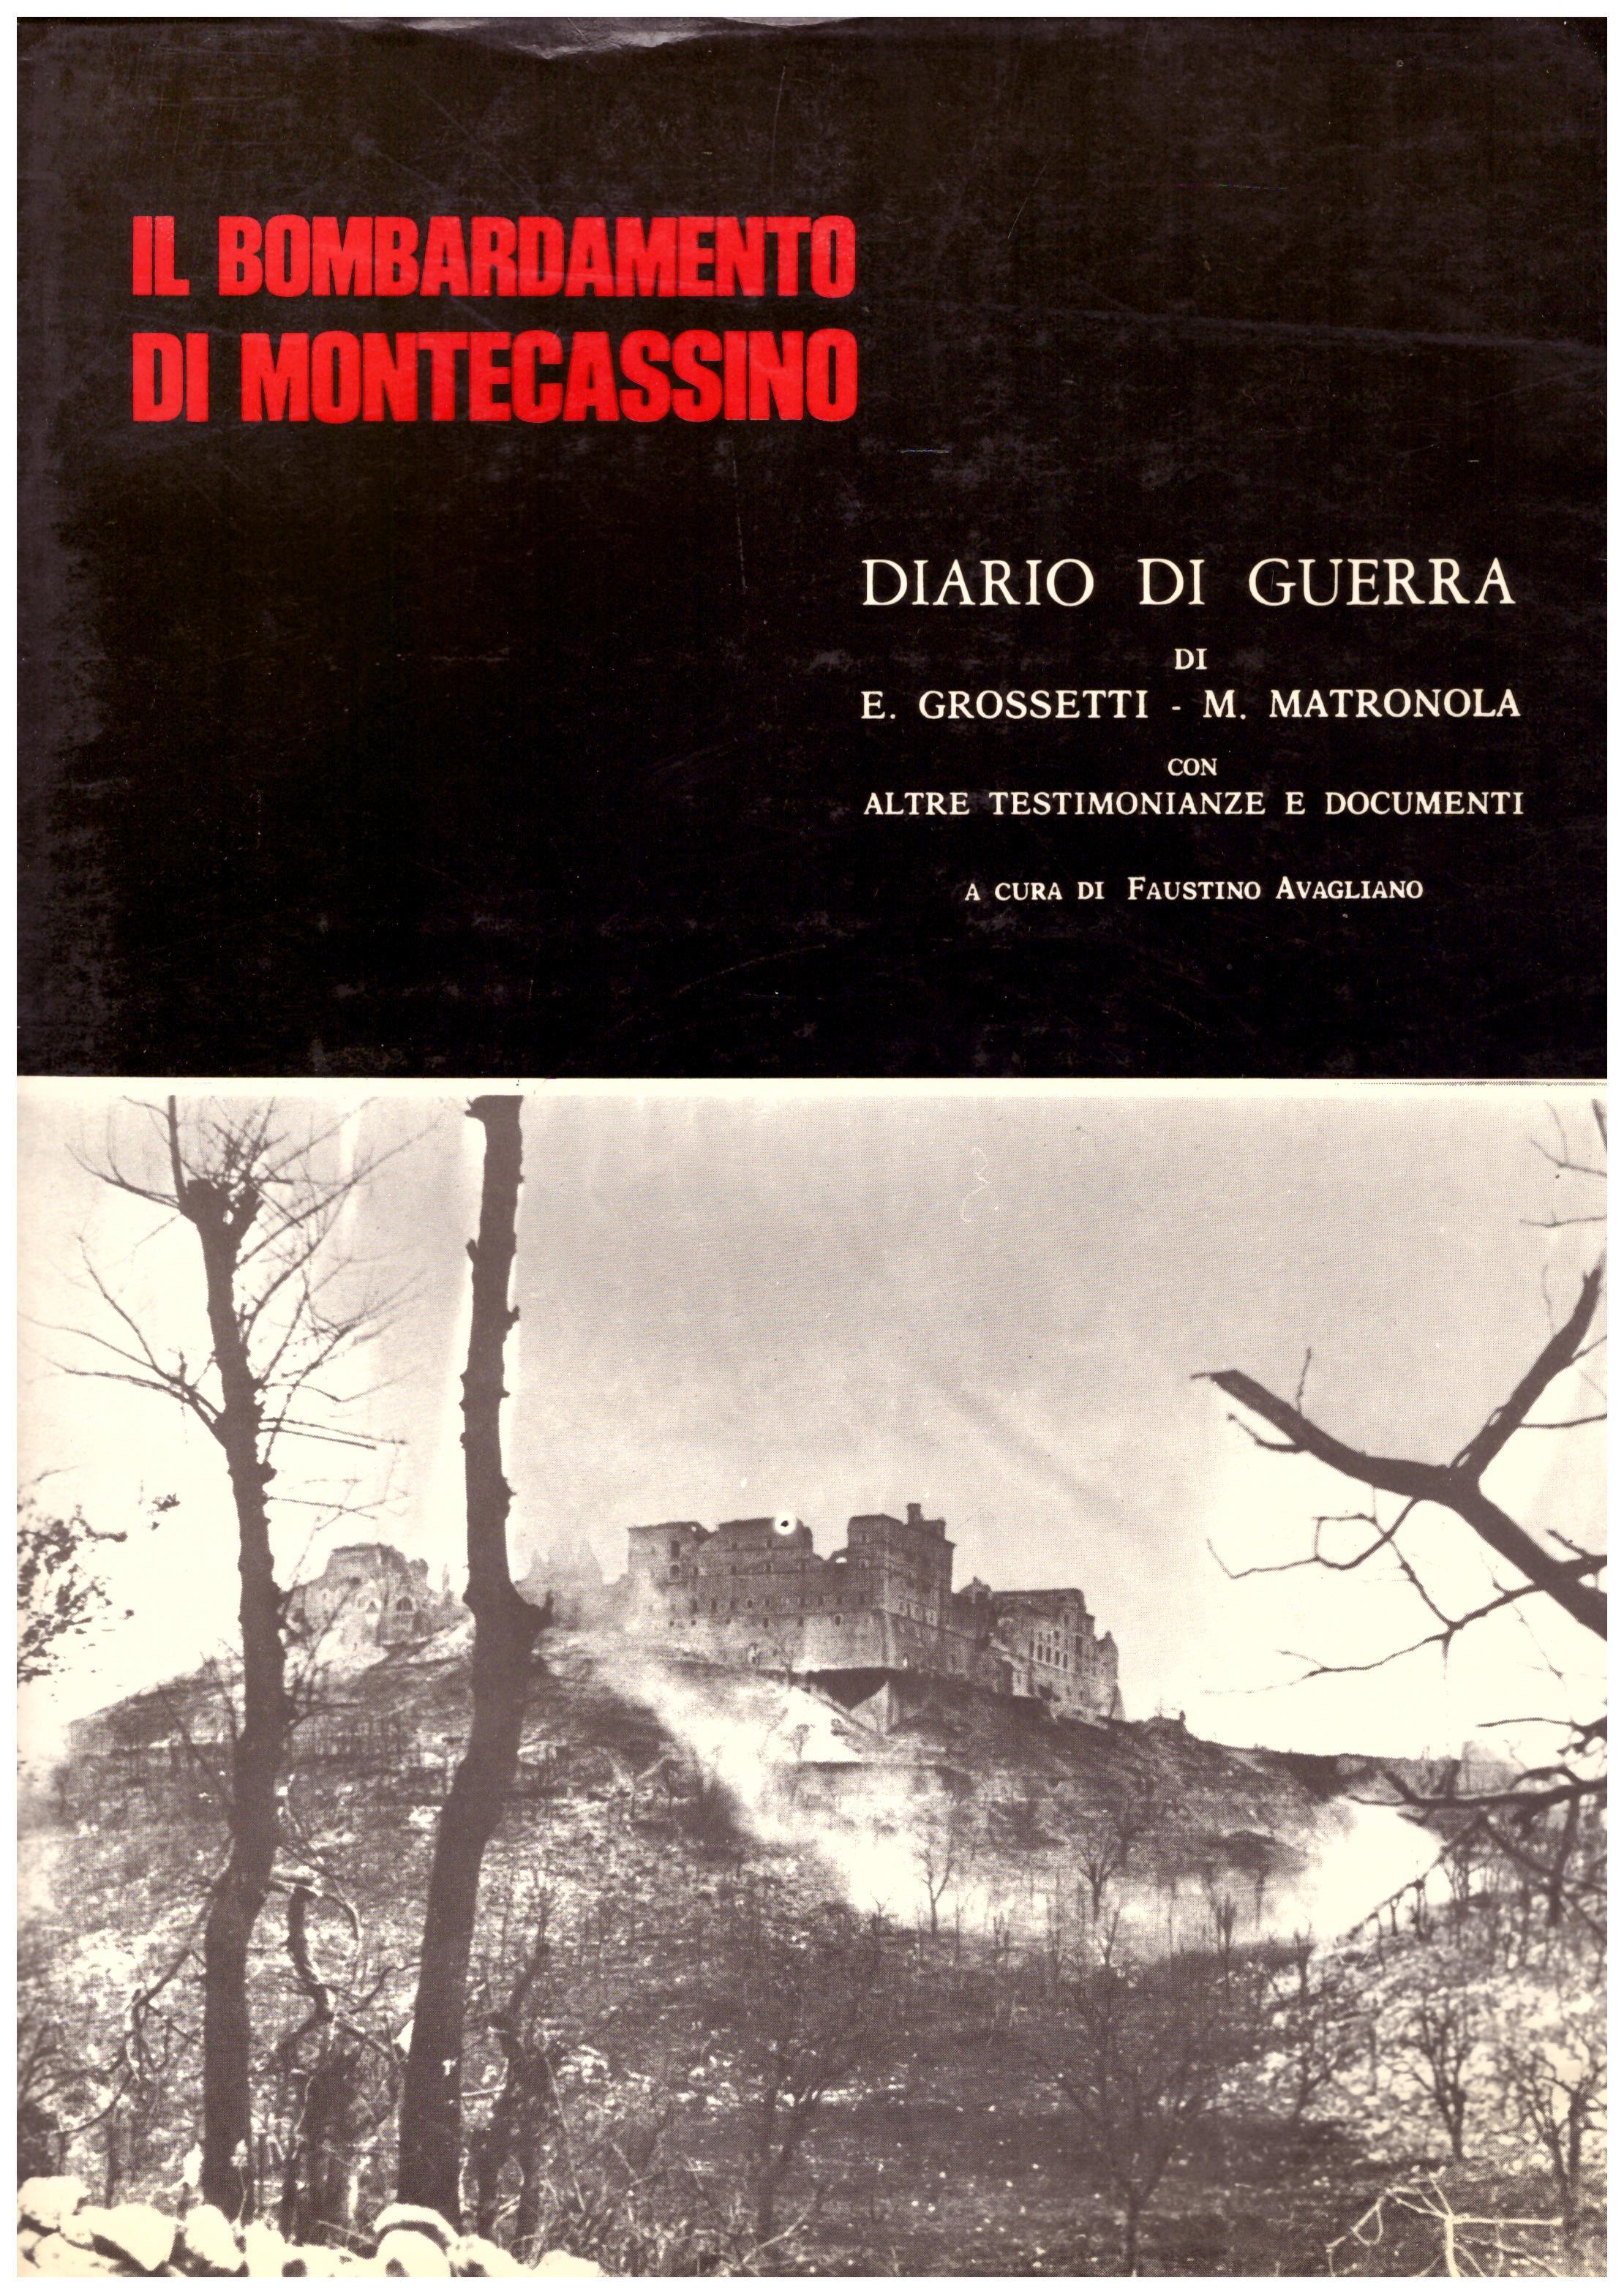 Titolo: Il bombardamento di Montecassino  Autore : E. Grossetti, M. Matronola  Editore: tipografia M. Pisani 1980